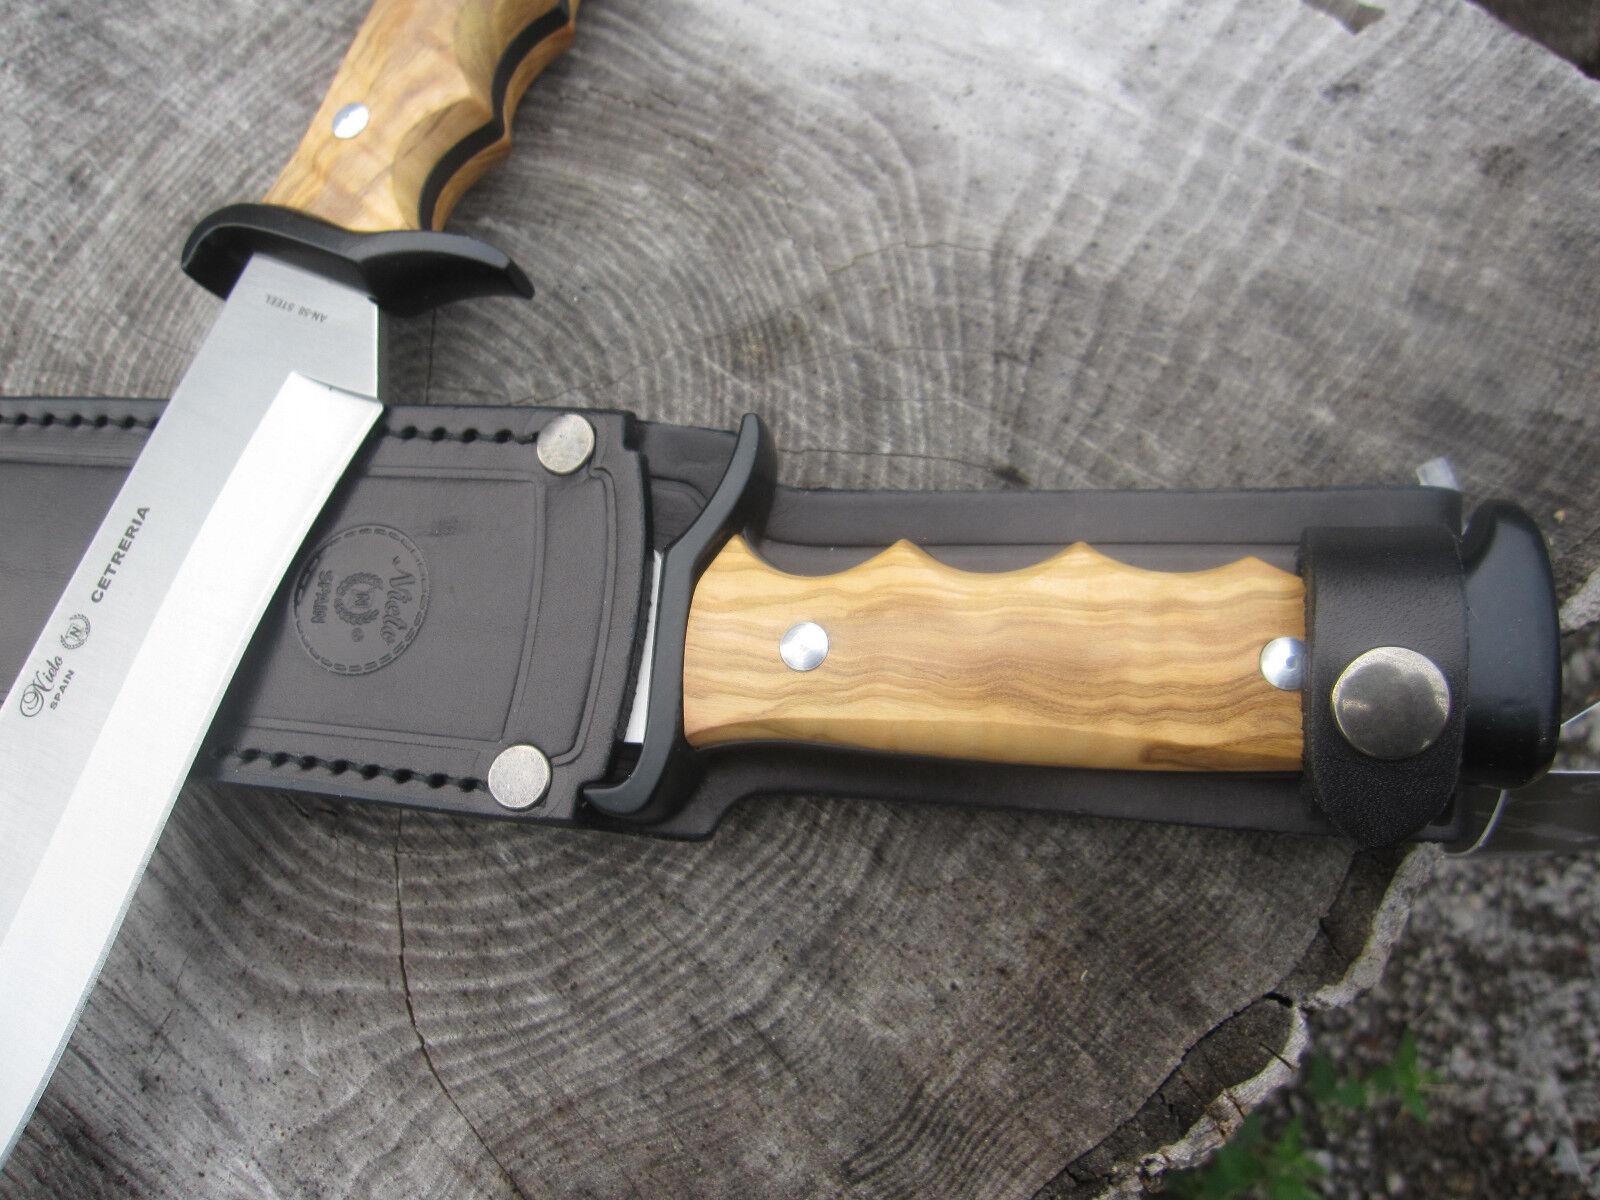 Nieto Messer Machete Machete Machete Gürtelmesser Jagdmesser Outdoormesser Outdoor Jagd 122523 0f9625